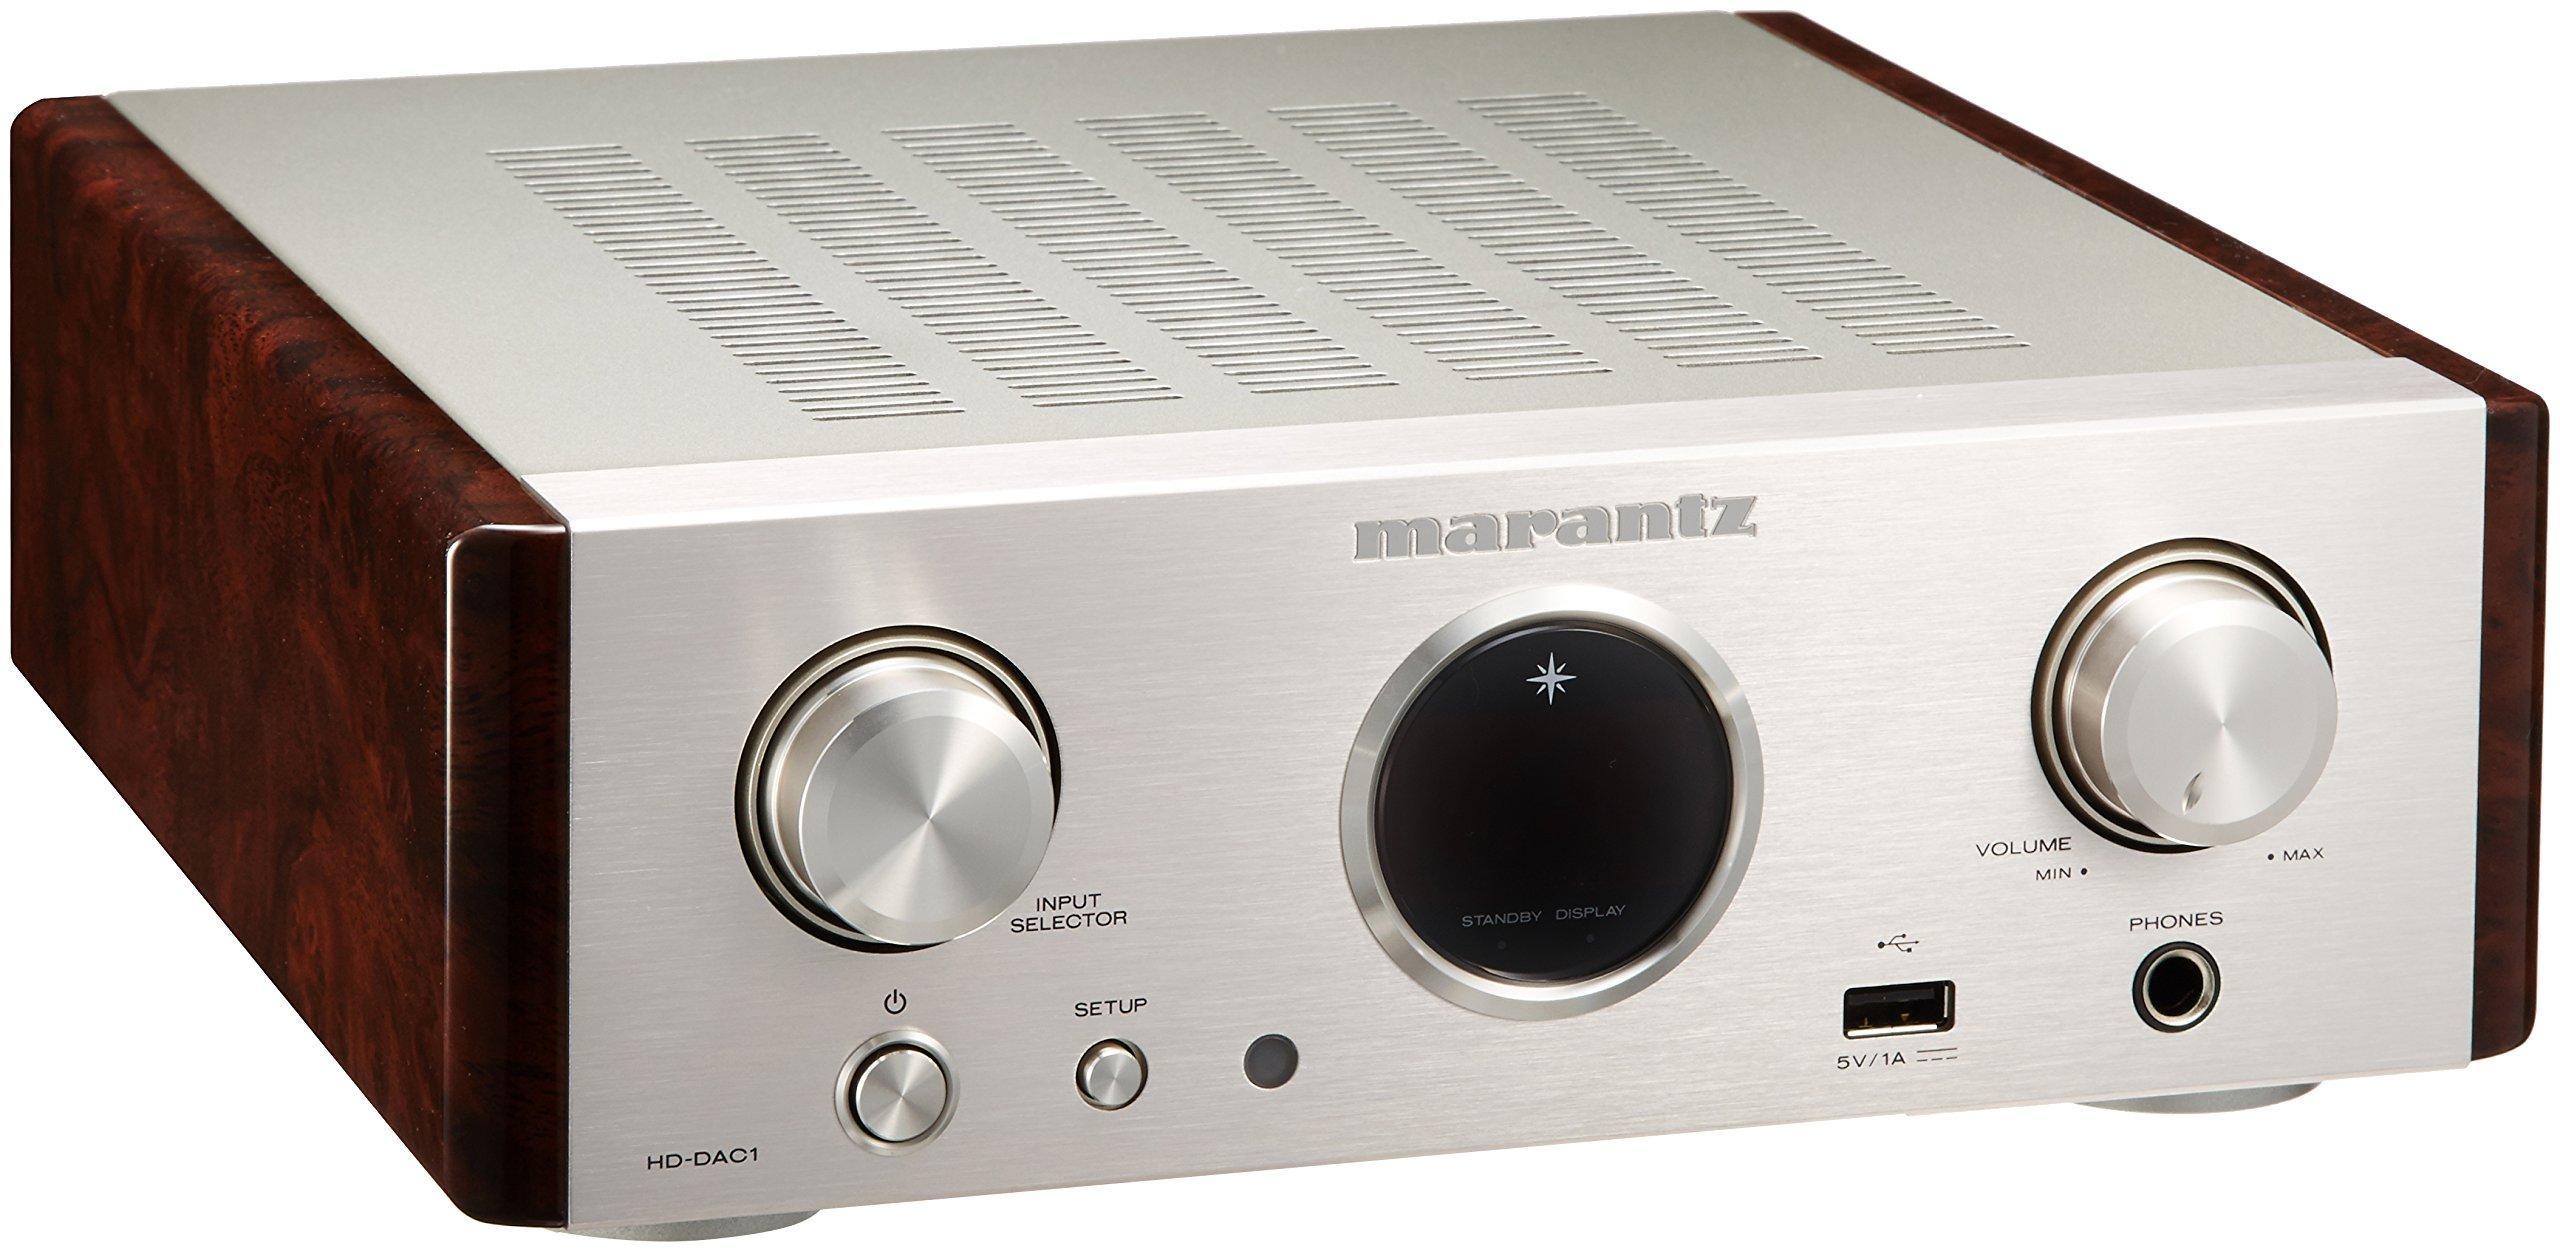 Marantz Philippines: Marantz price list - Audio Receivers